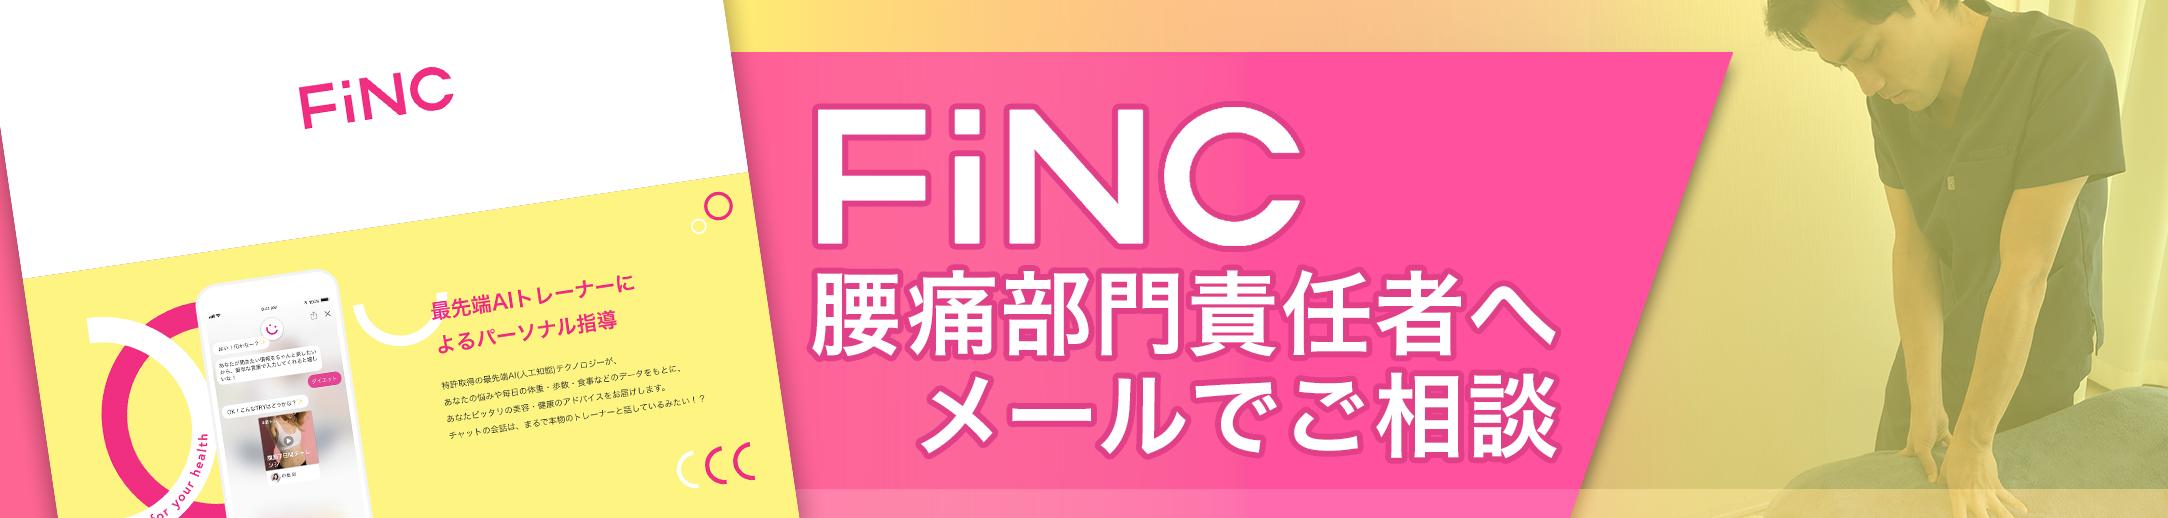 FiNC 腰痛部門責任者へメールでご相談